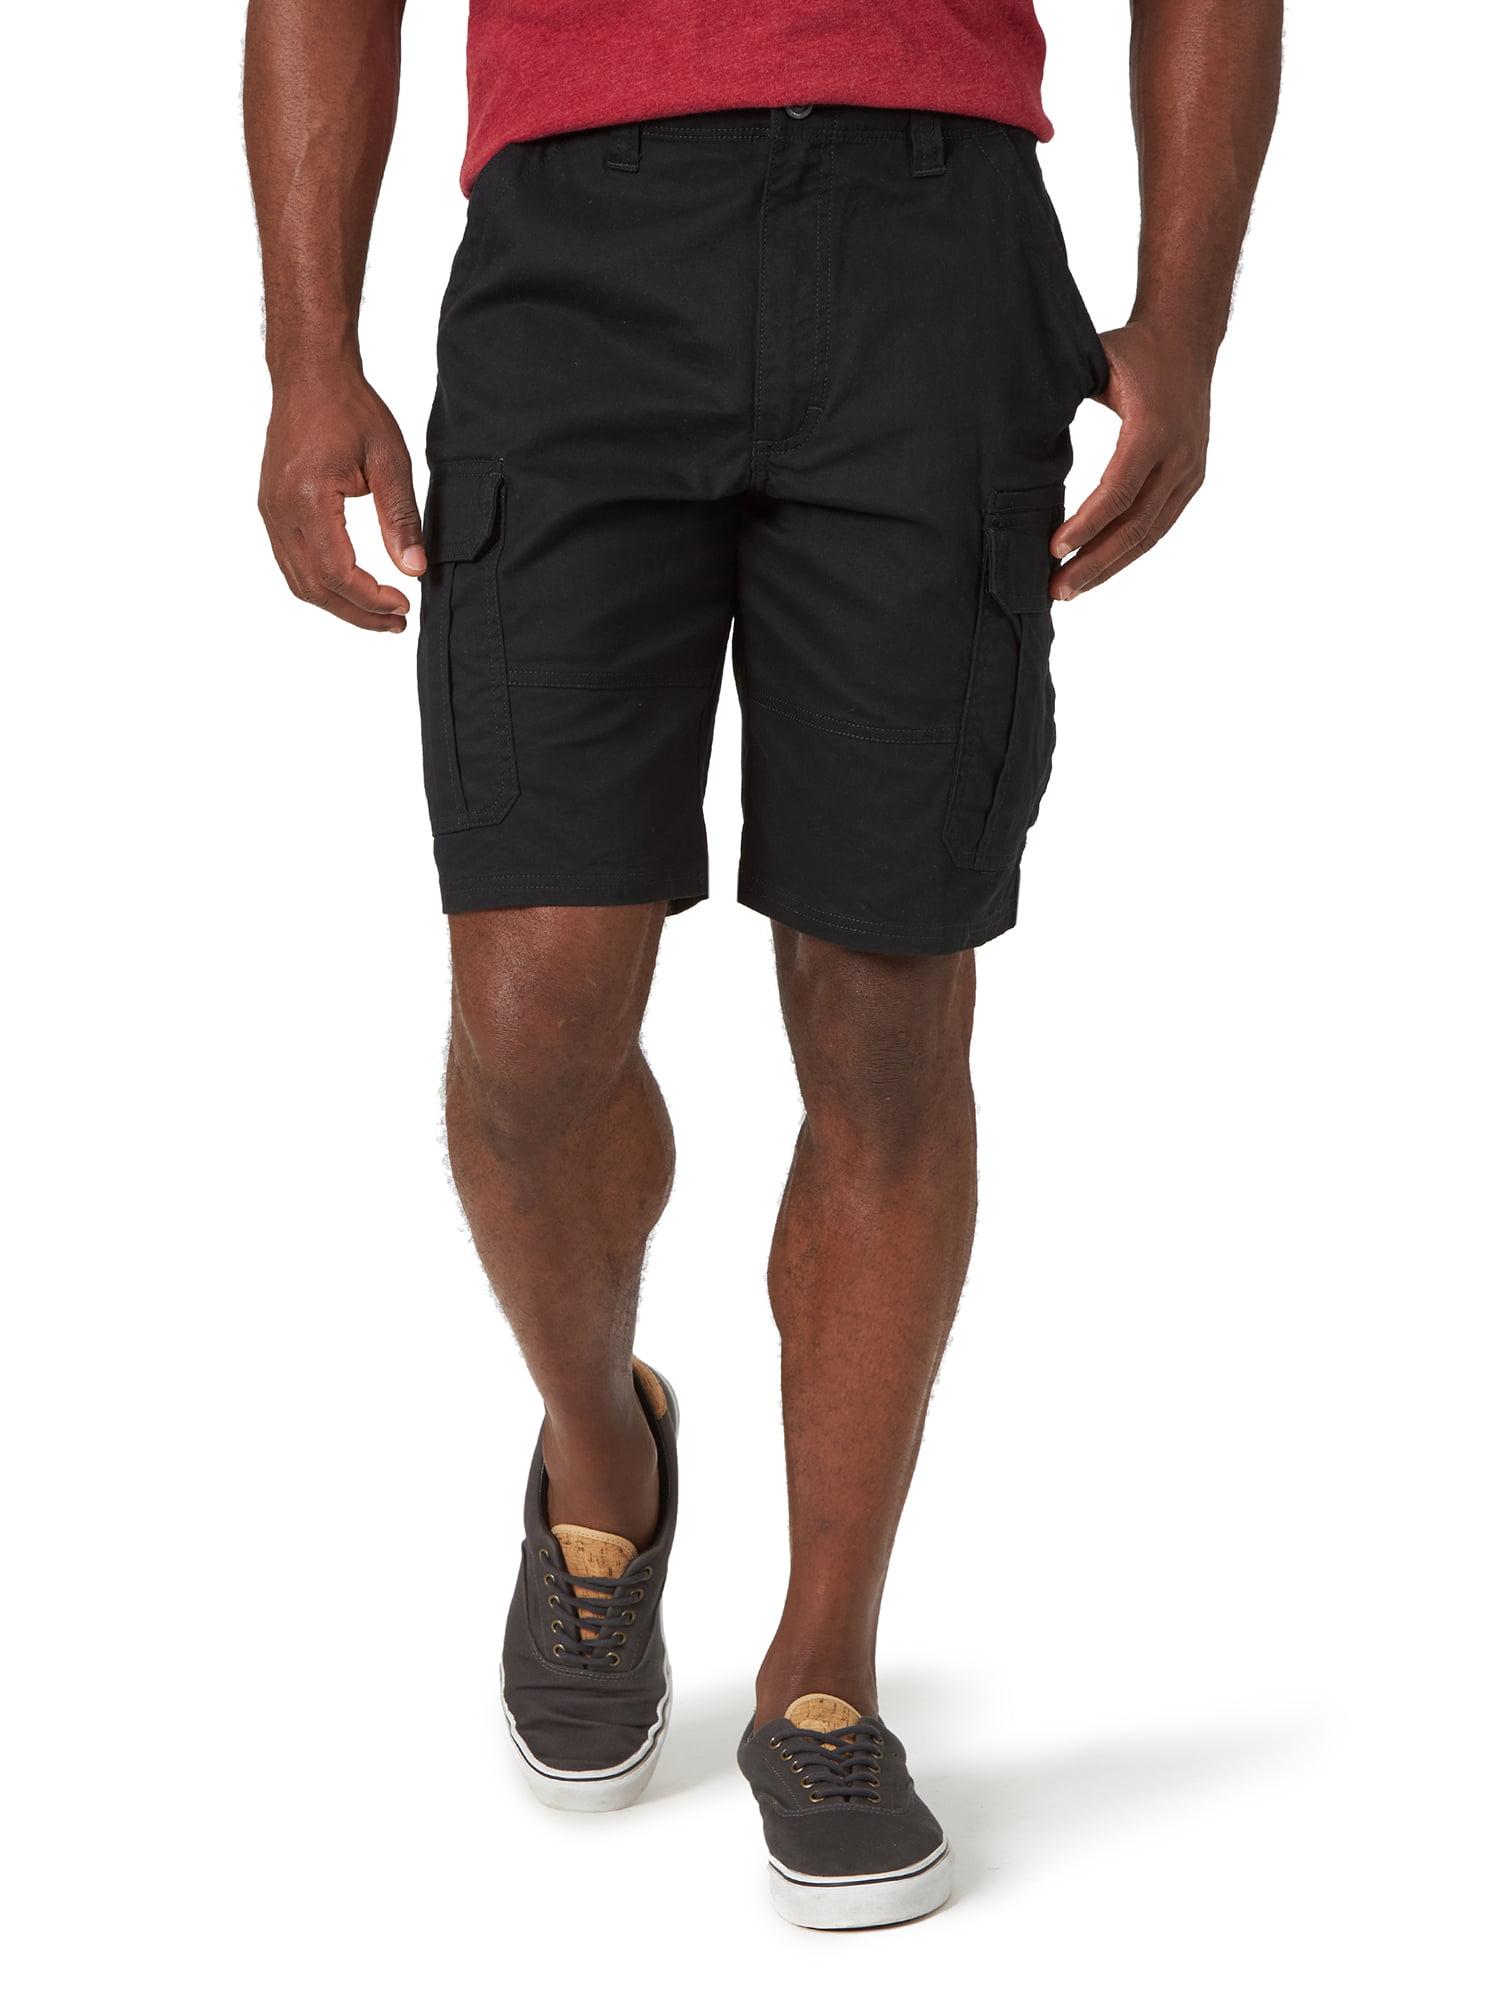 CYJ-shiba Mens Plaid Slim Fit Drawstring Fashion Swimming Beach Shorts